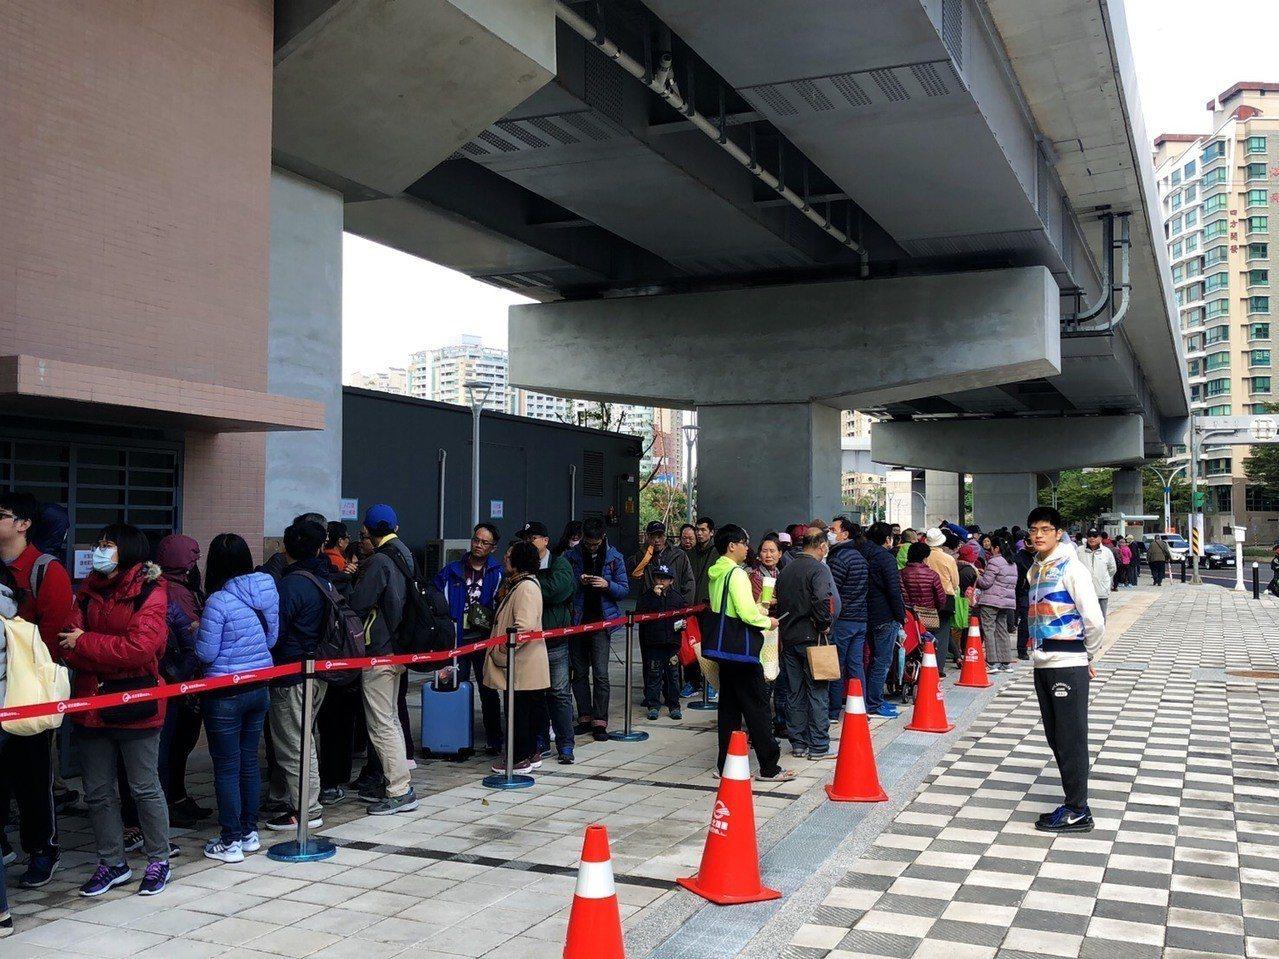 連假首日,淡海輕軌排隊人潮從中午11時開始漸漸增加。圖/民眾提供